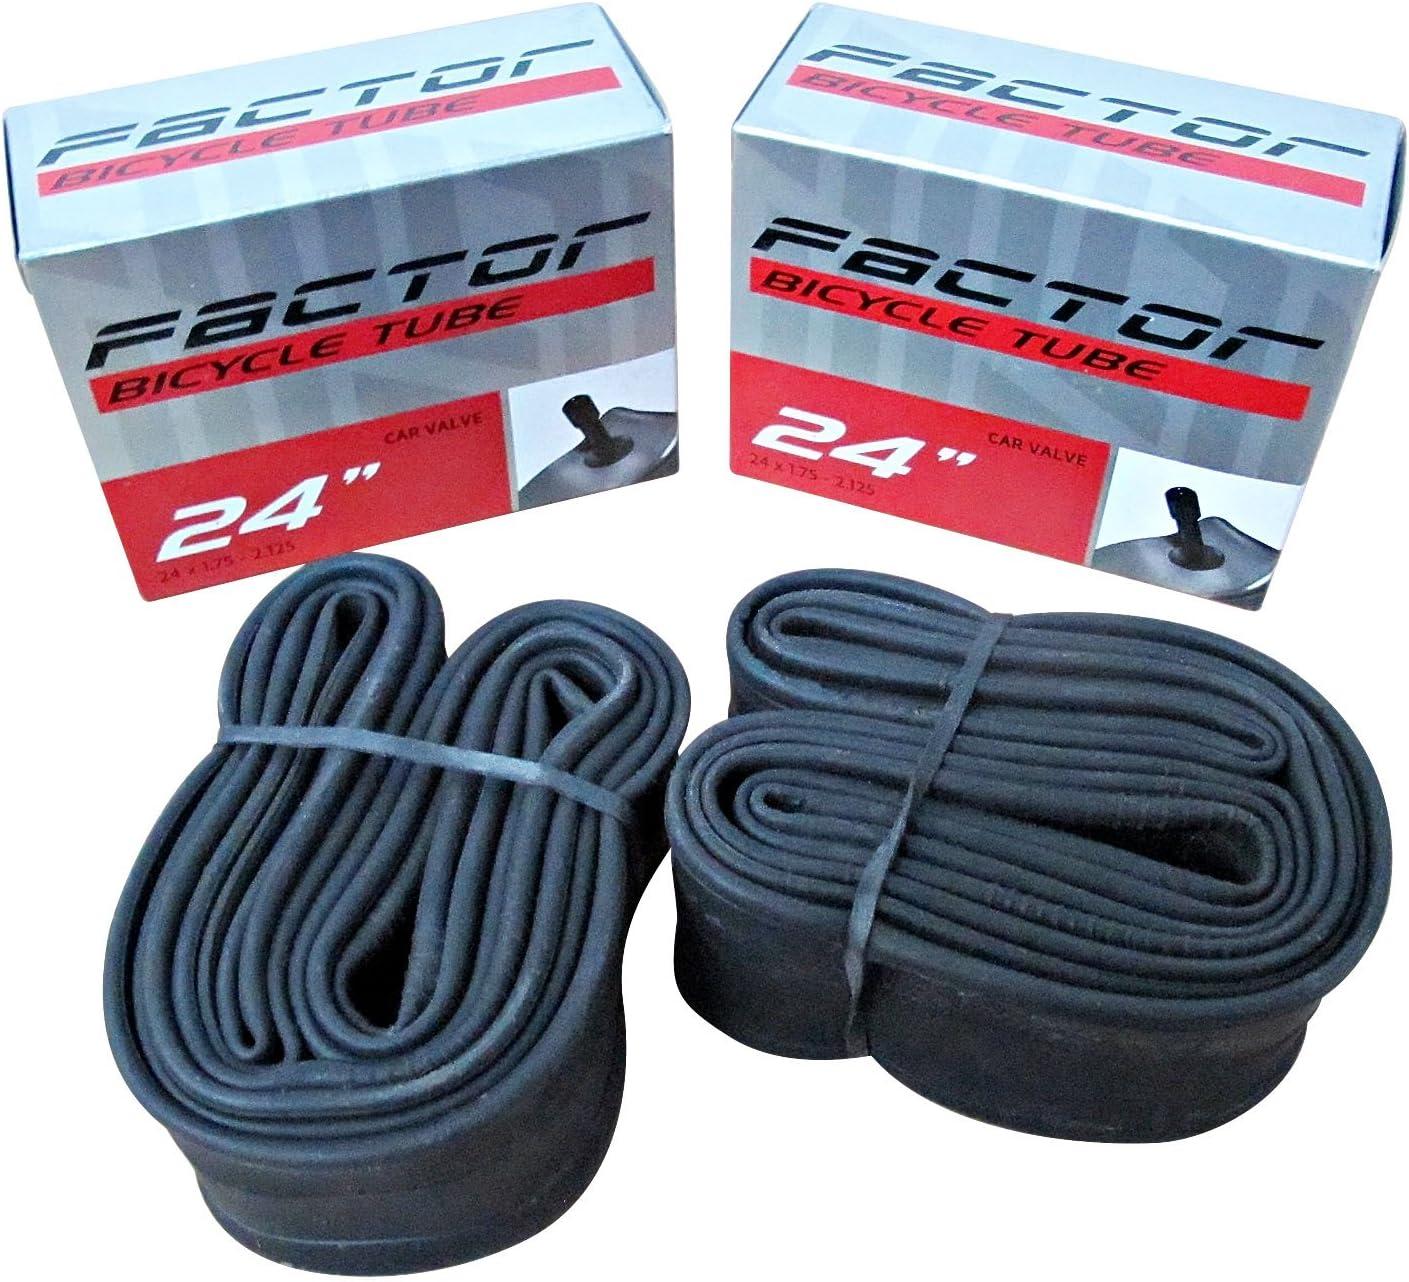 2 x SCHRADER Valve Cycle Bike Tubes 18 x 1.75-2.125 Car Type REPAIR KIT